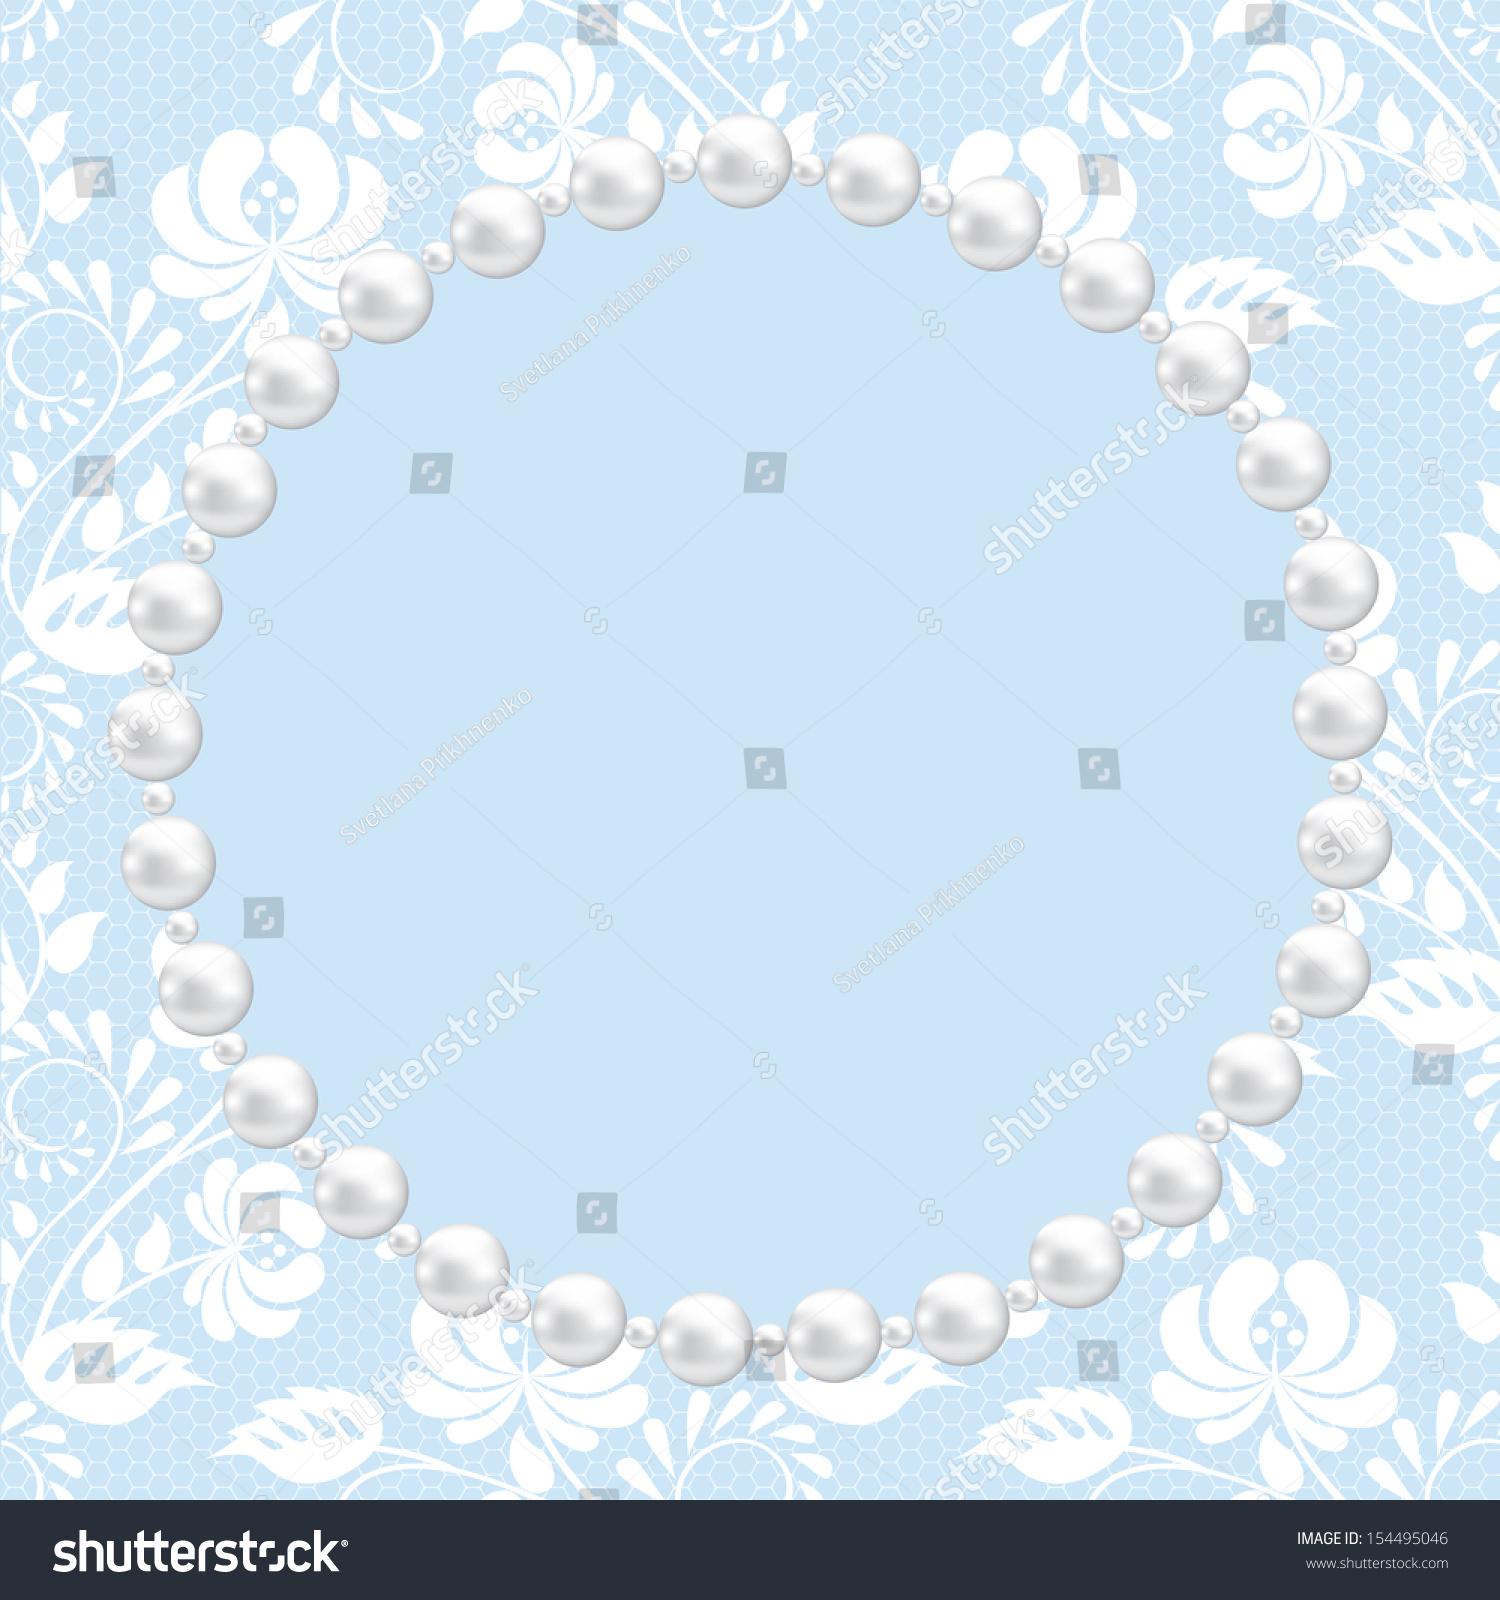 祝福或邀请卡用花边和珍珠框架-背景